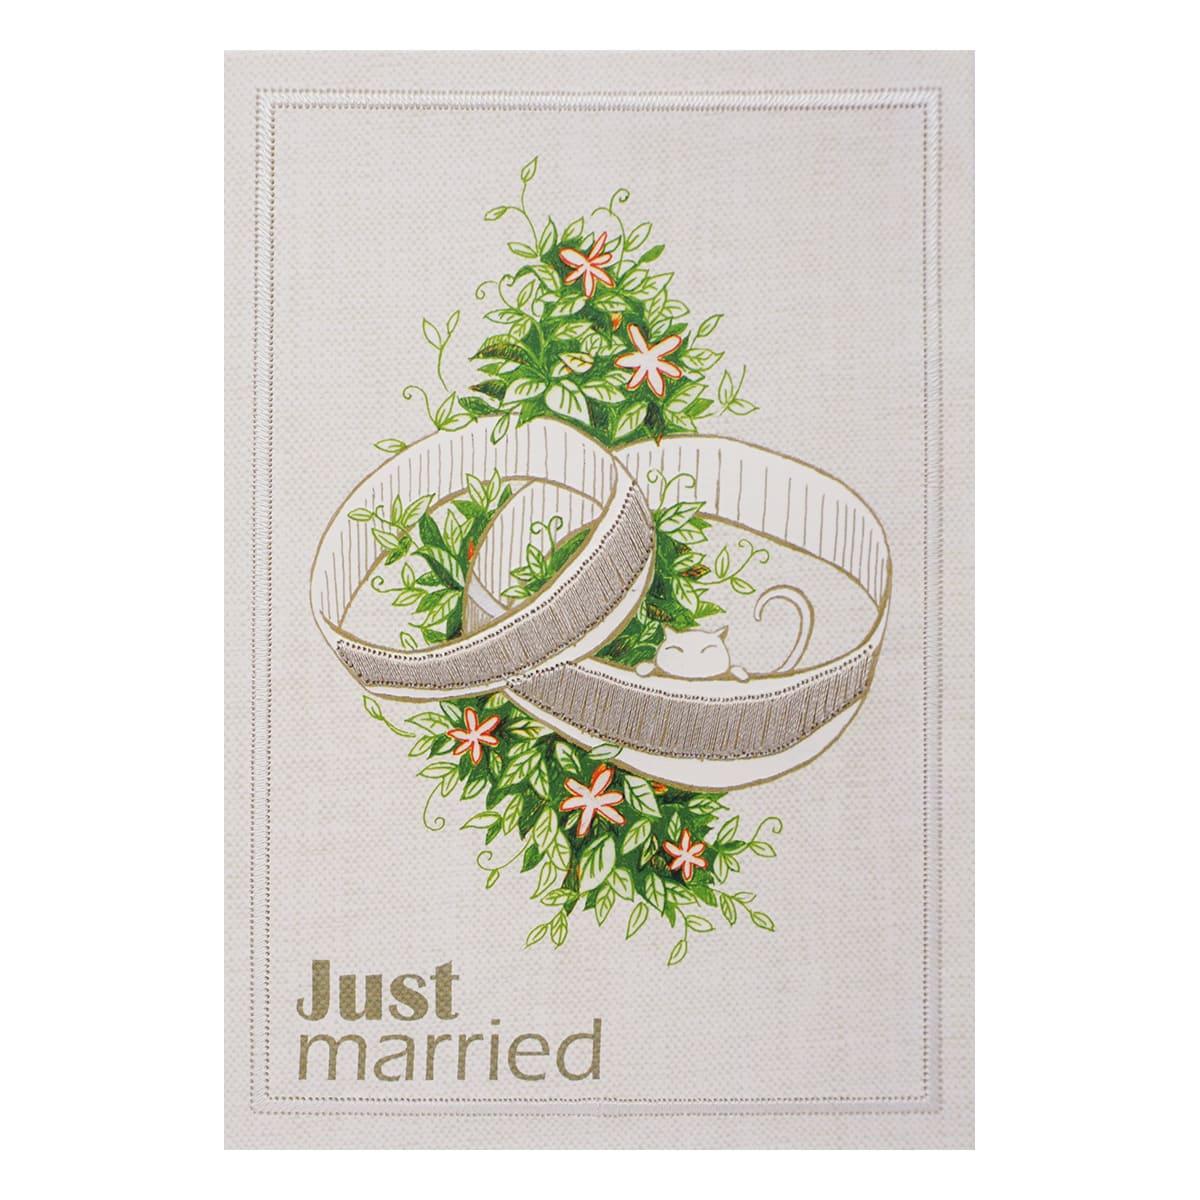 MWA03 Поздравительная открытка с вышивкой ' Just Married', 12*17 см.(конверт в комплекте)